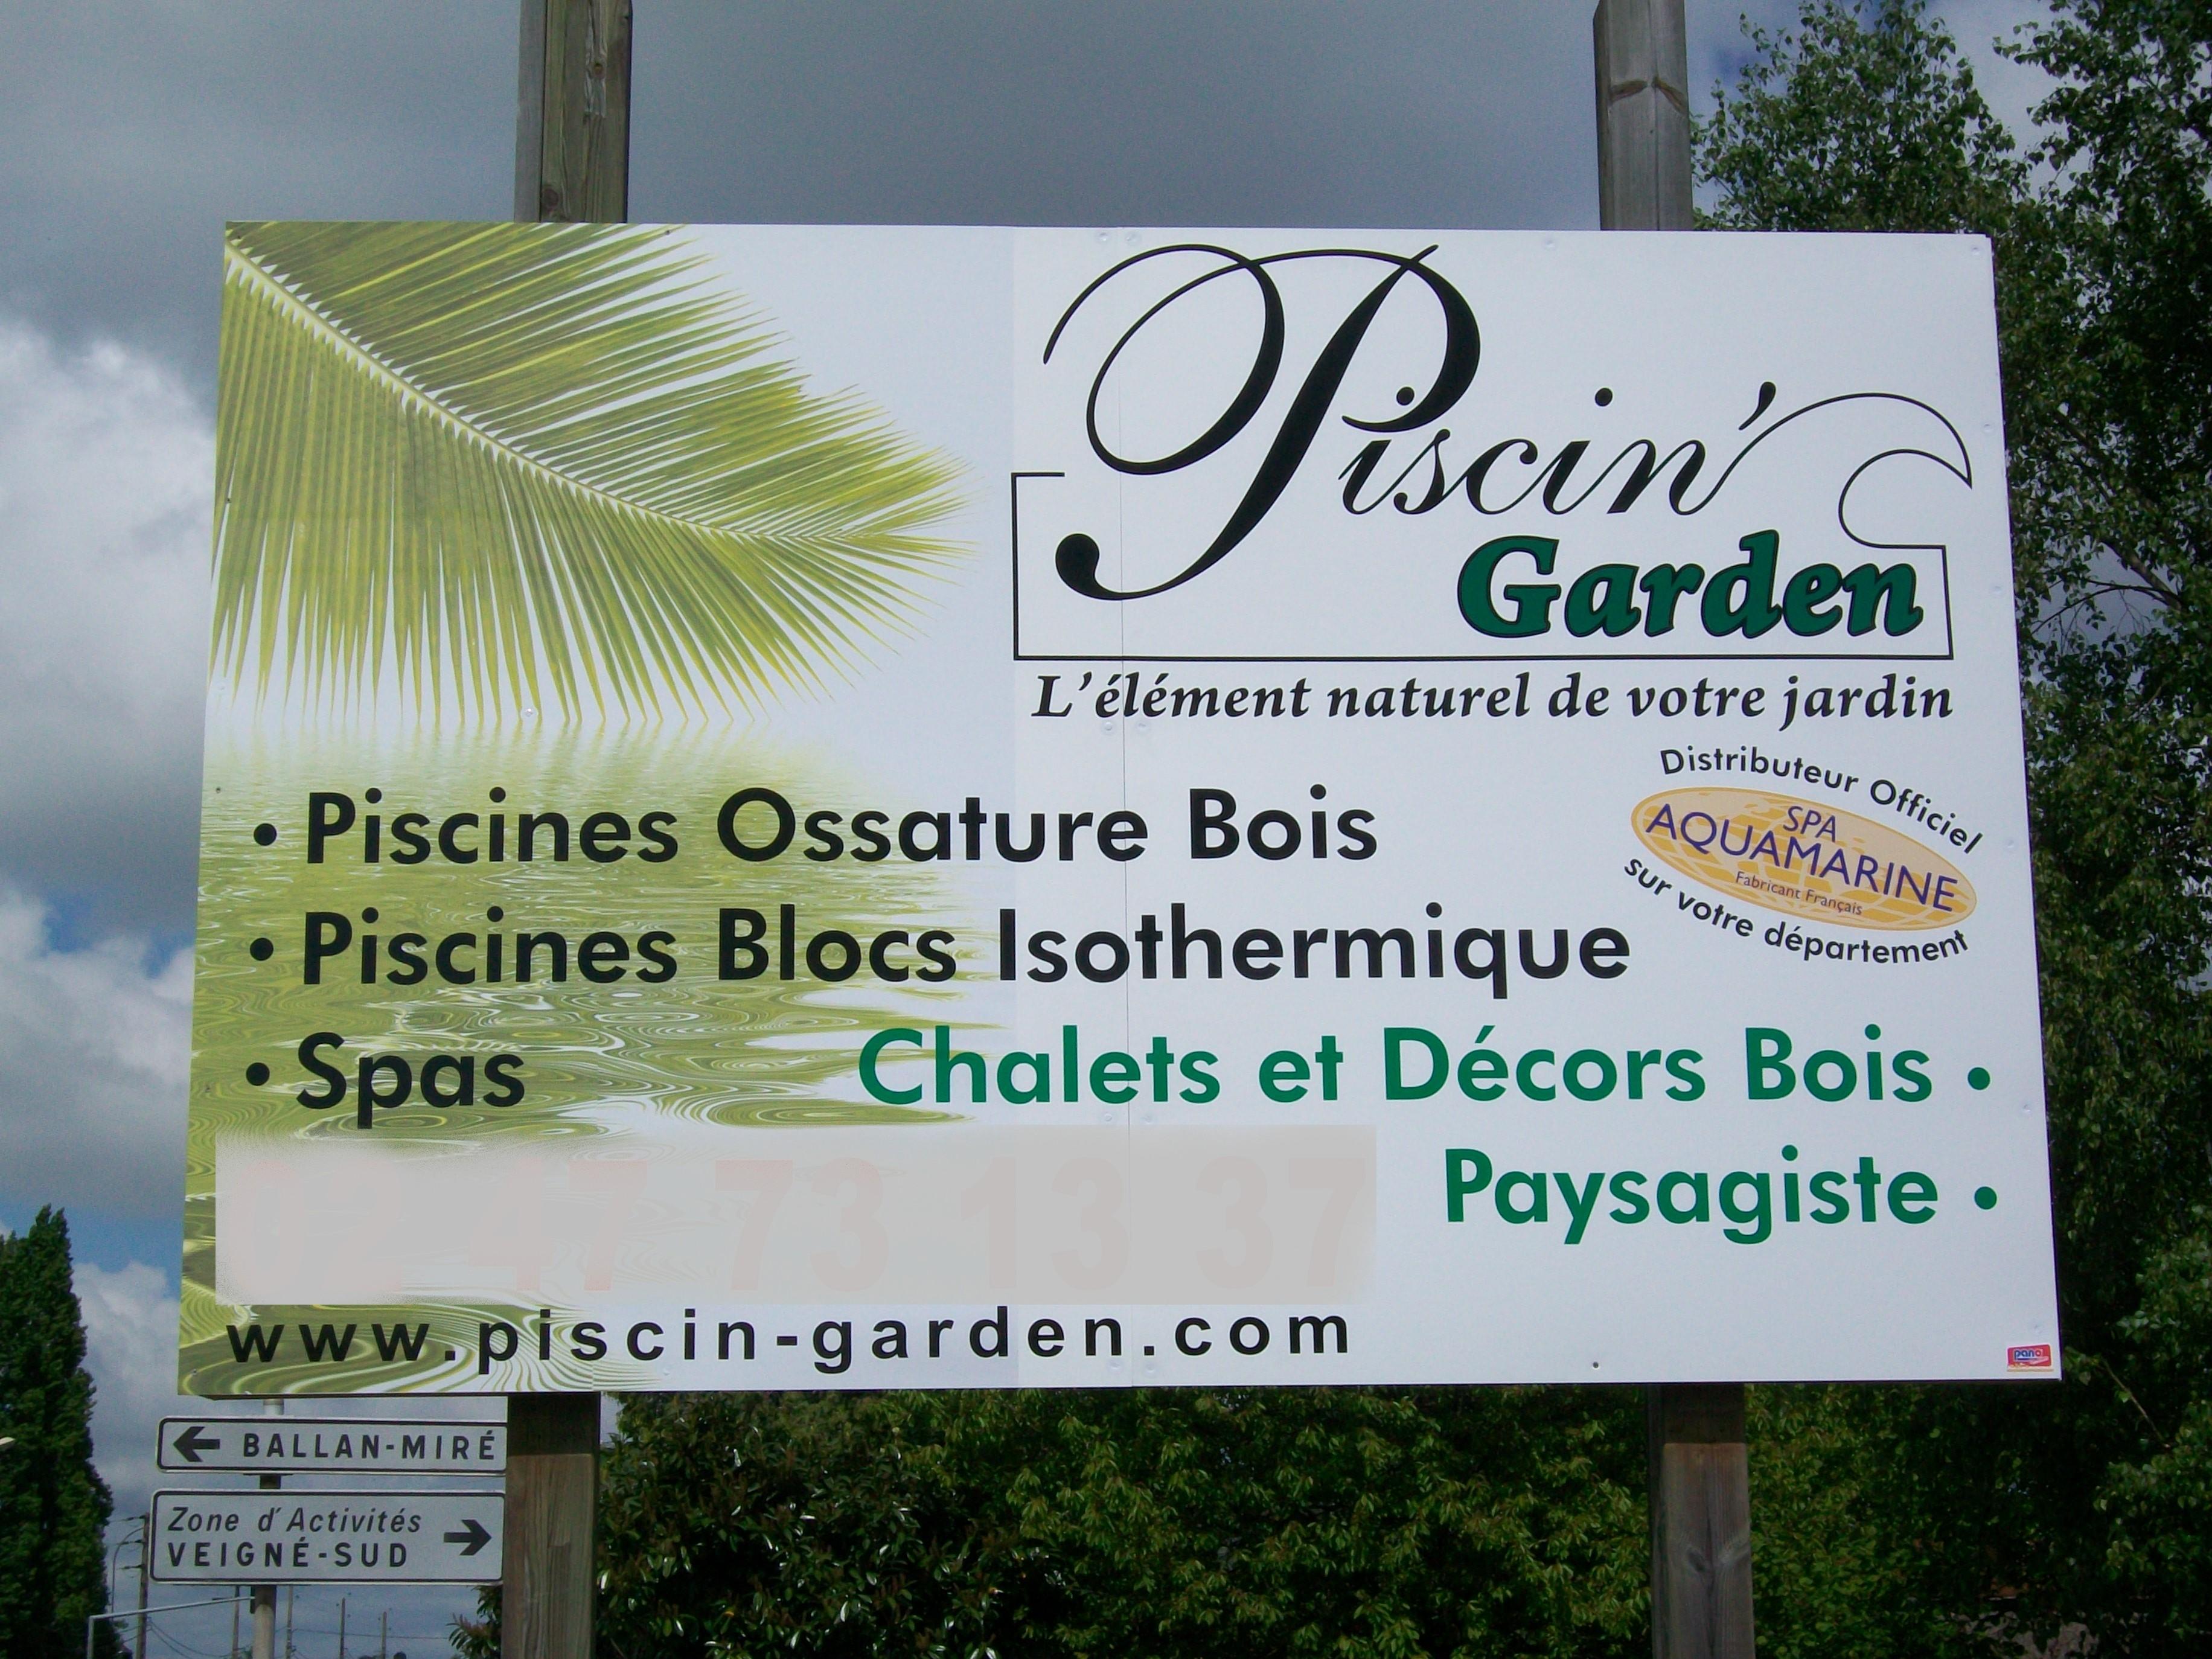 Panneau publicitaire pano for Panneau exterieur publicitaire